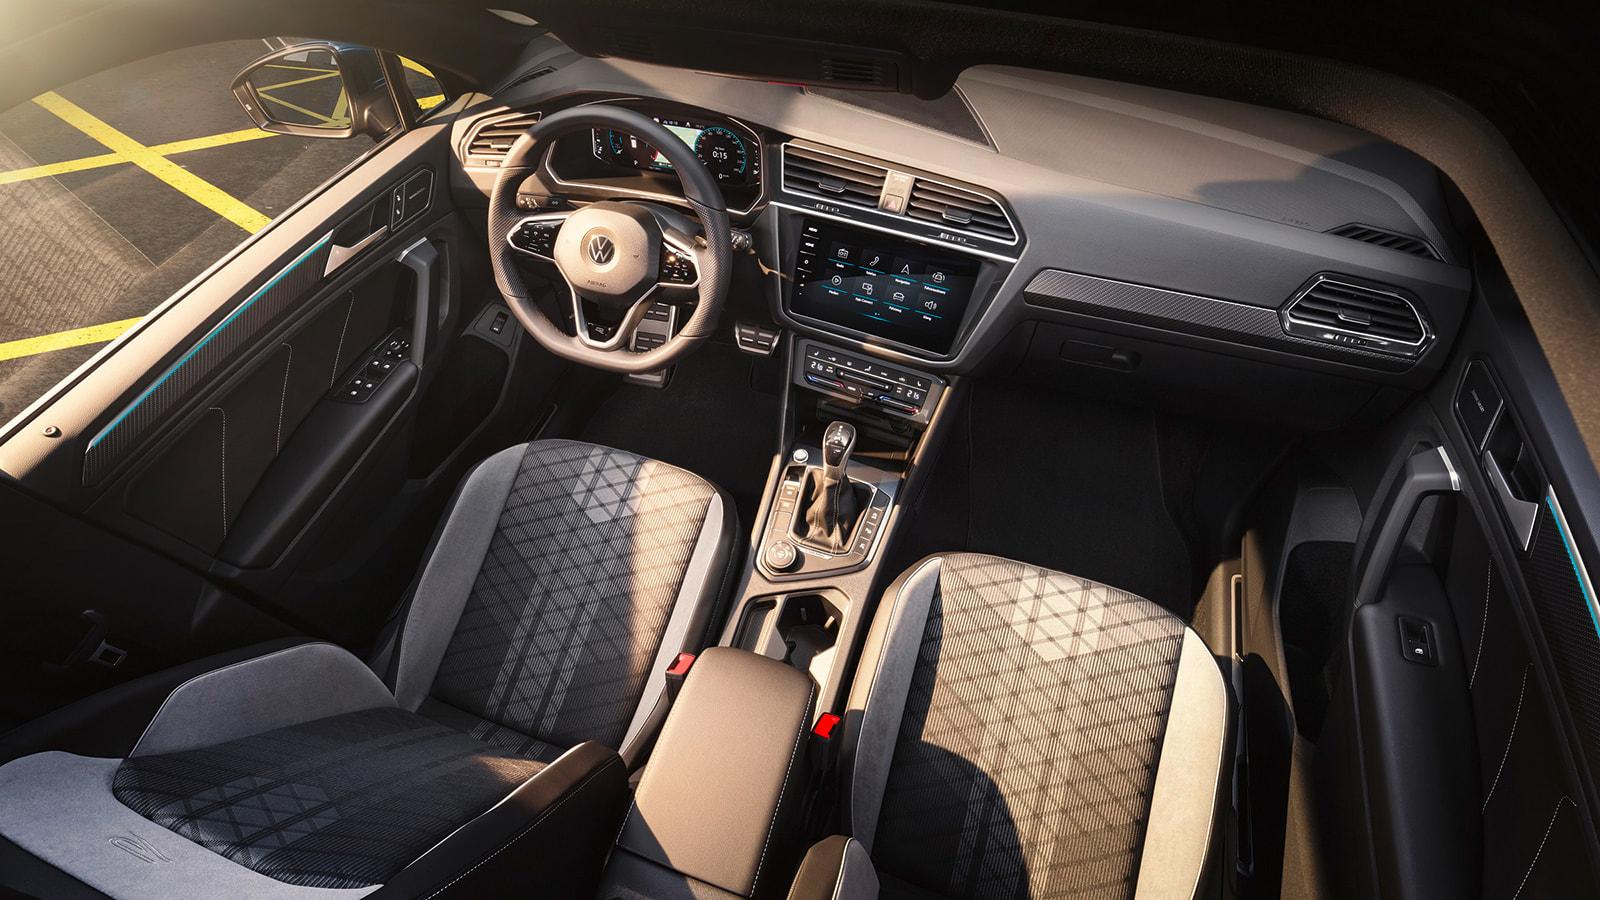 Νέο Volkswagen Tiguan - Εσωτερικό - Μοναδικός εσωτερικός εξοπλισμός